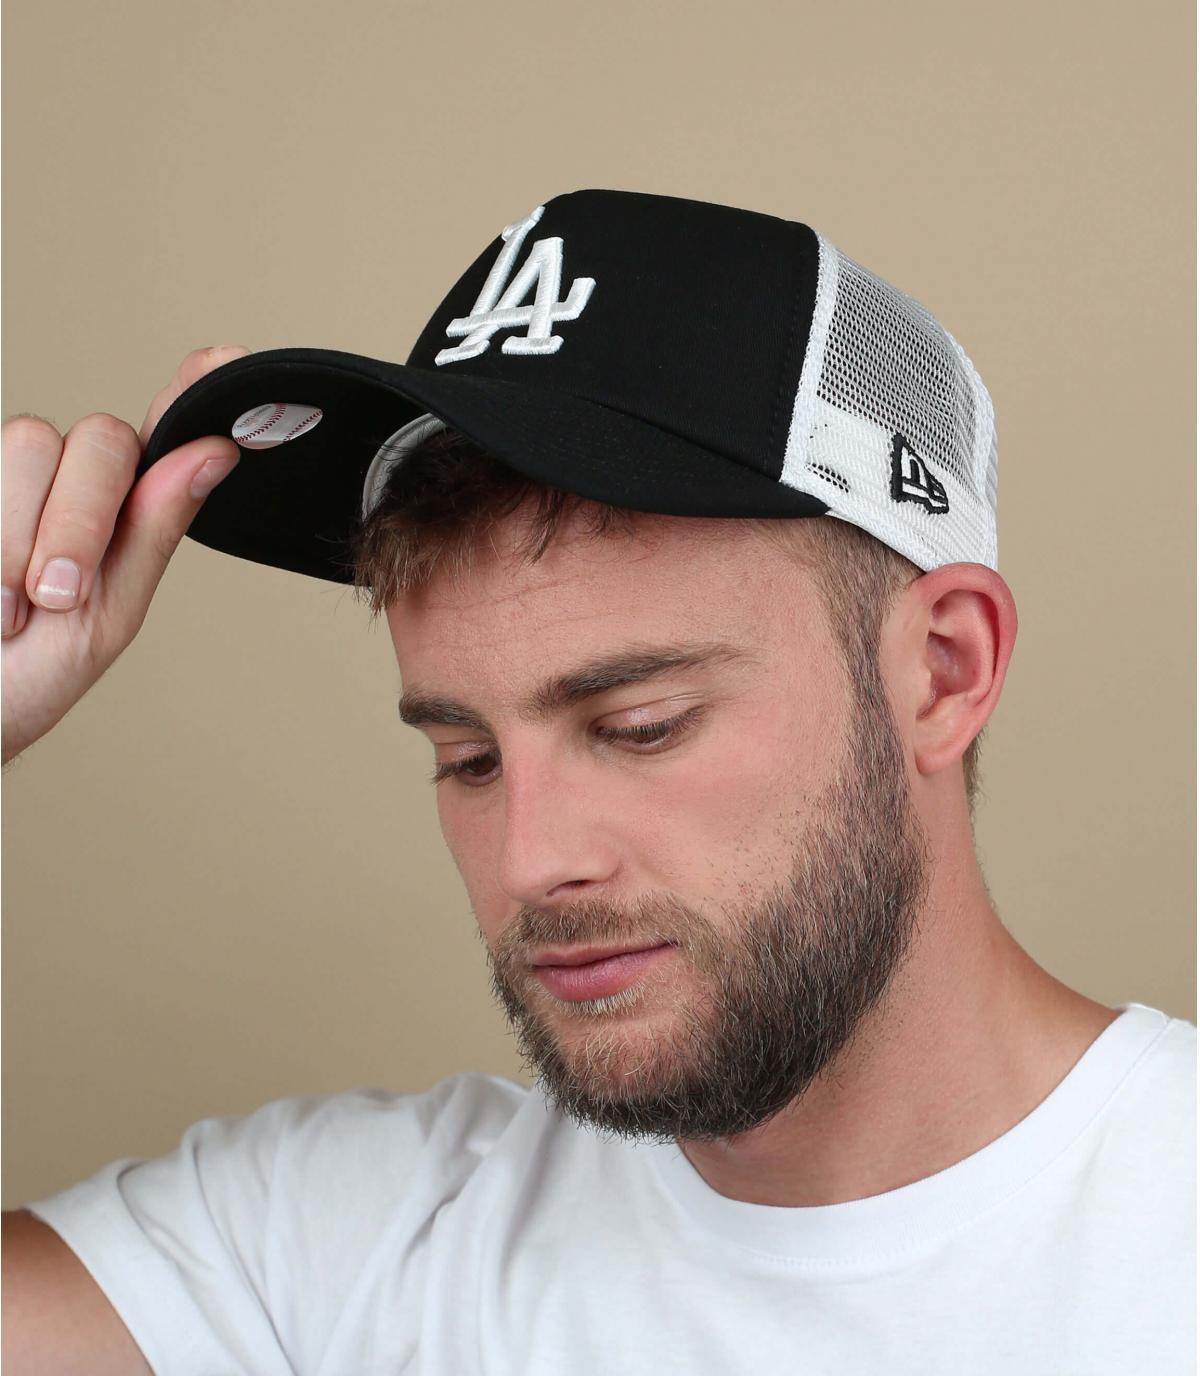 Cappello Trucker La nuova era